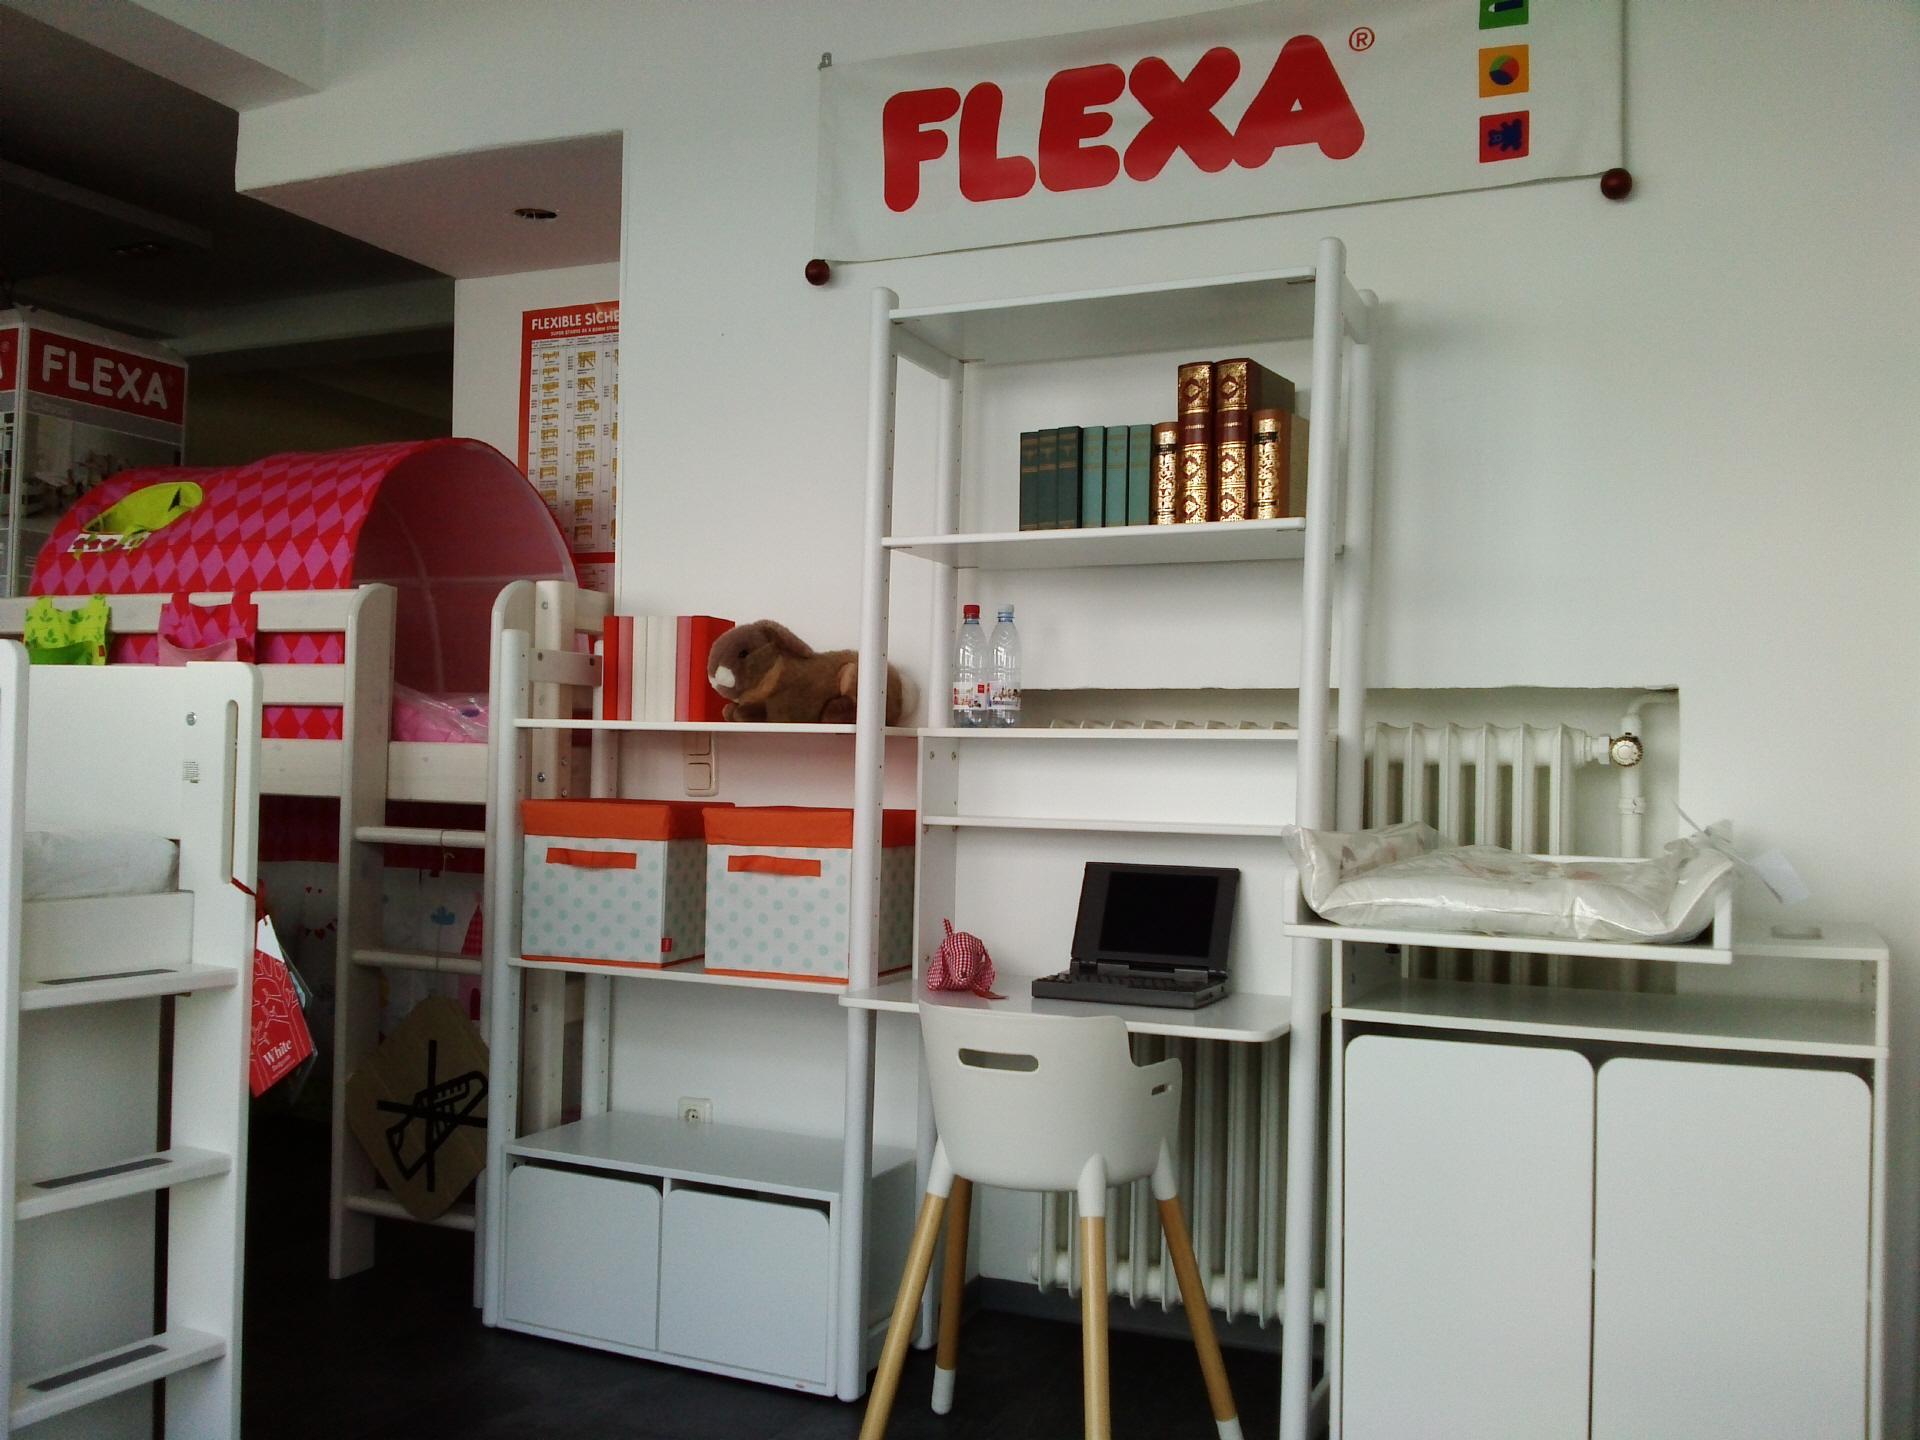 Fesselnde Flexa Mittelhohes Bett Ideen Von Show Room Düsseldorf